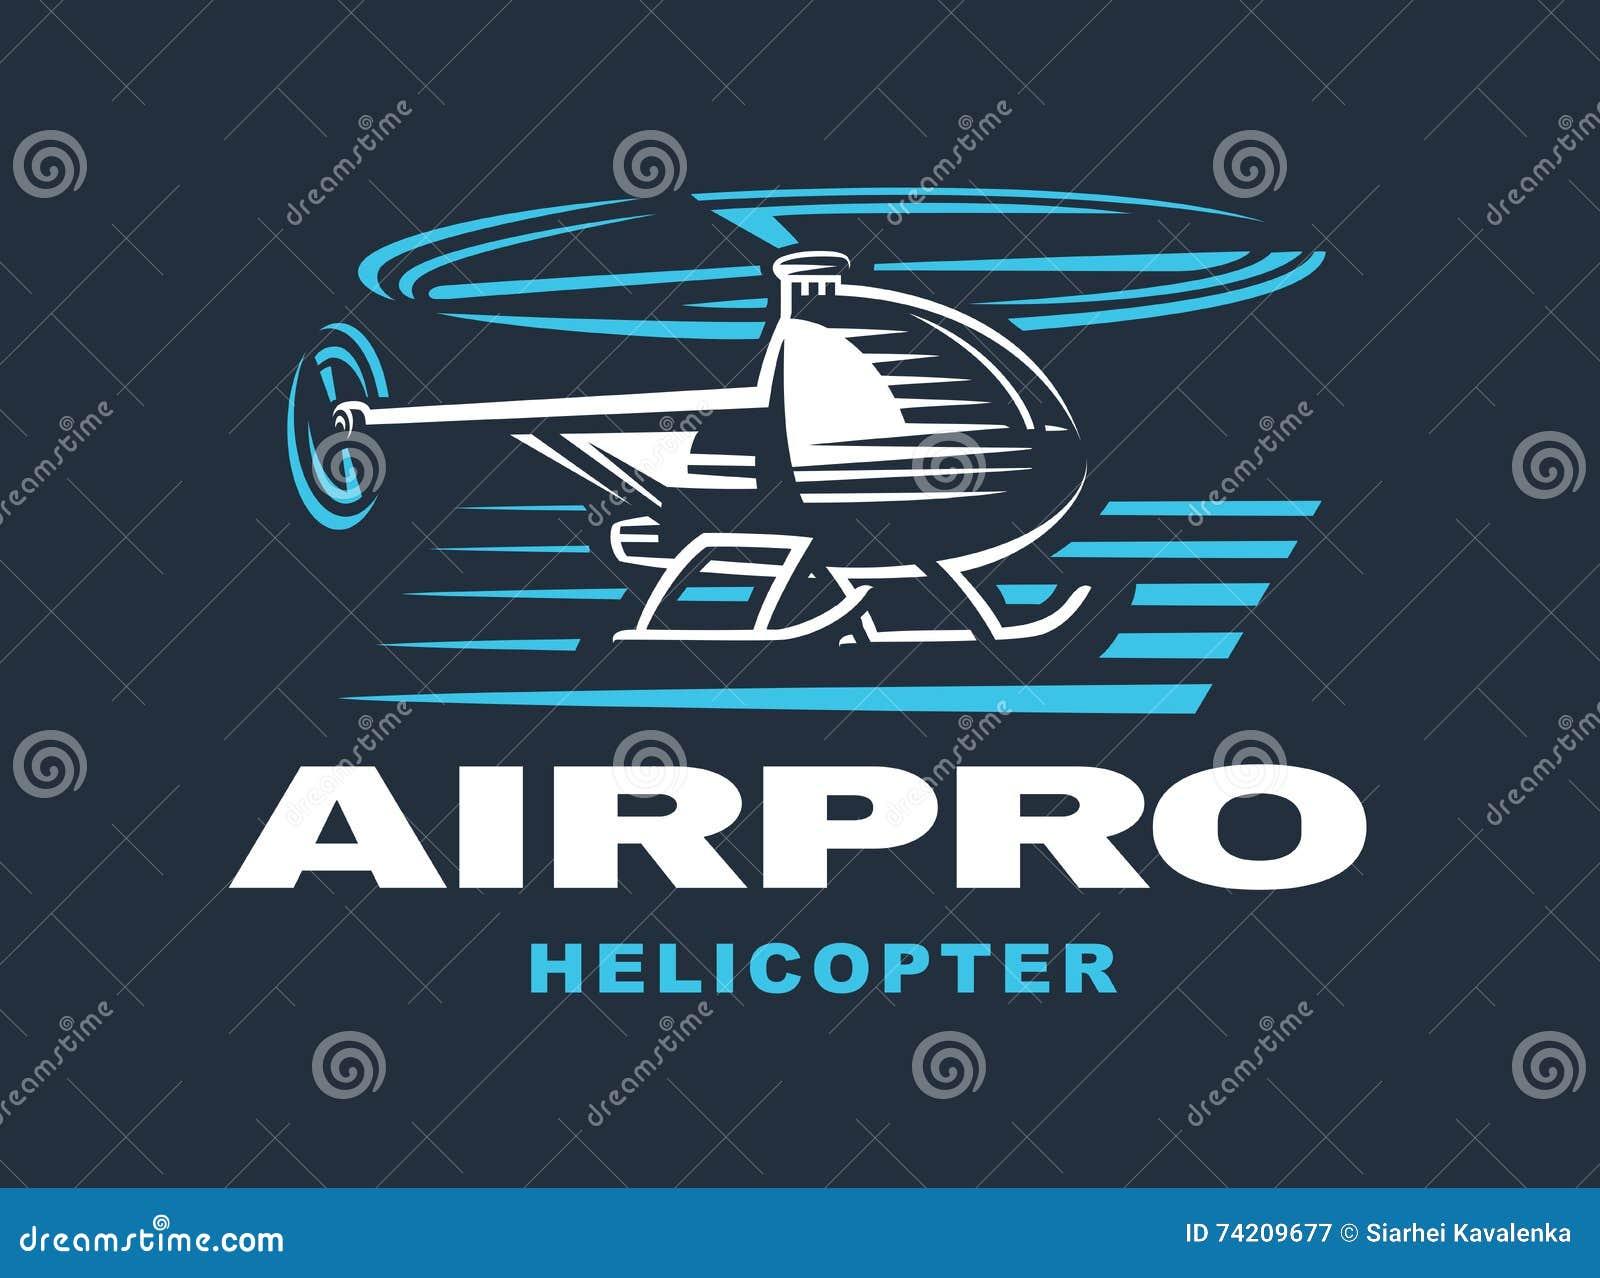 Elicottero Stilizzato : Elicottero di volo emblema logo fondo scuro